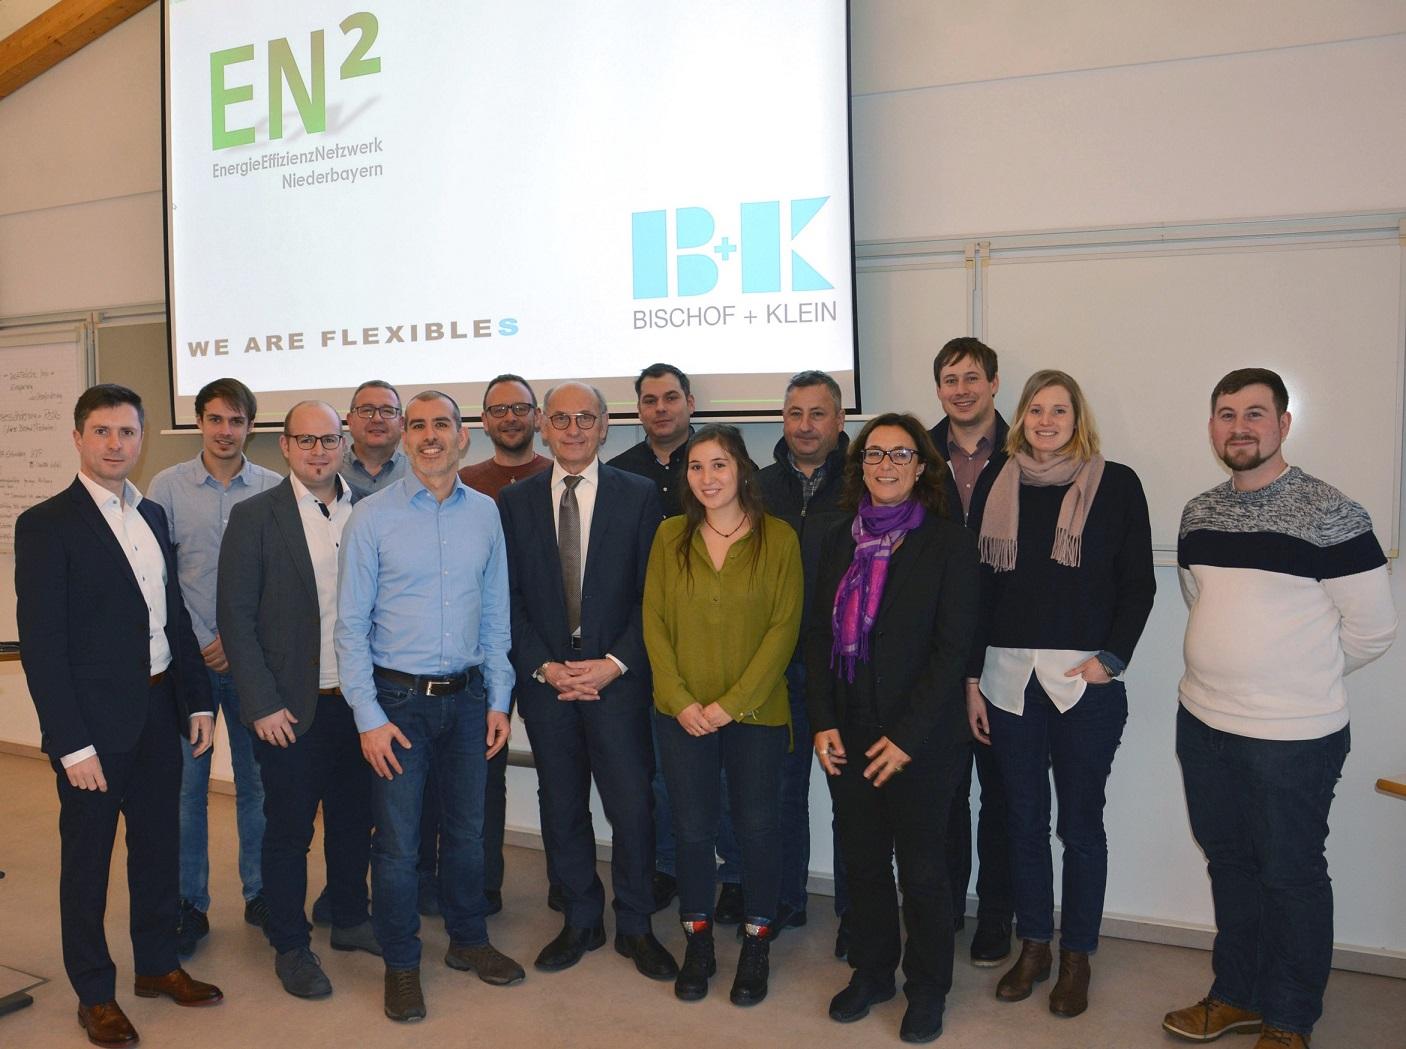 Das Energieeffizienznetzwerk Niederbayern EN² zu Besuch bei Bischof + Klein in Konzell